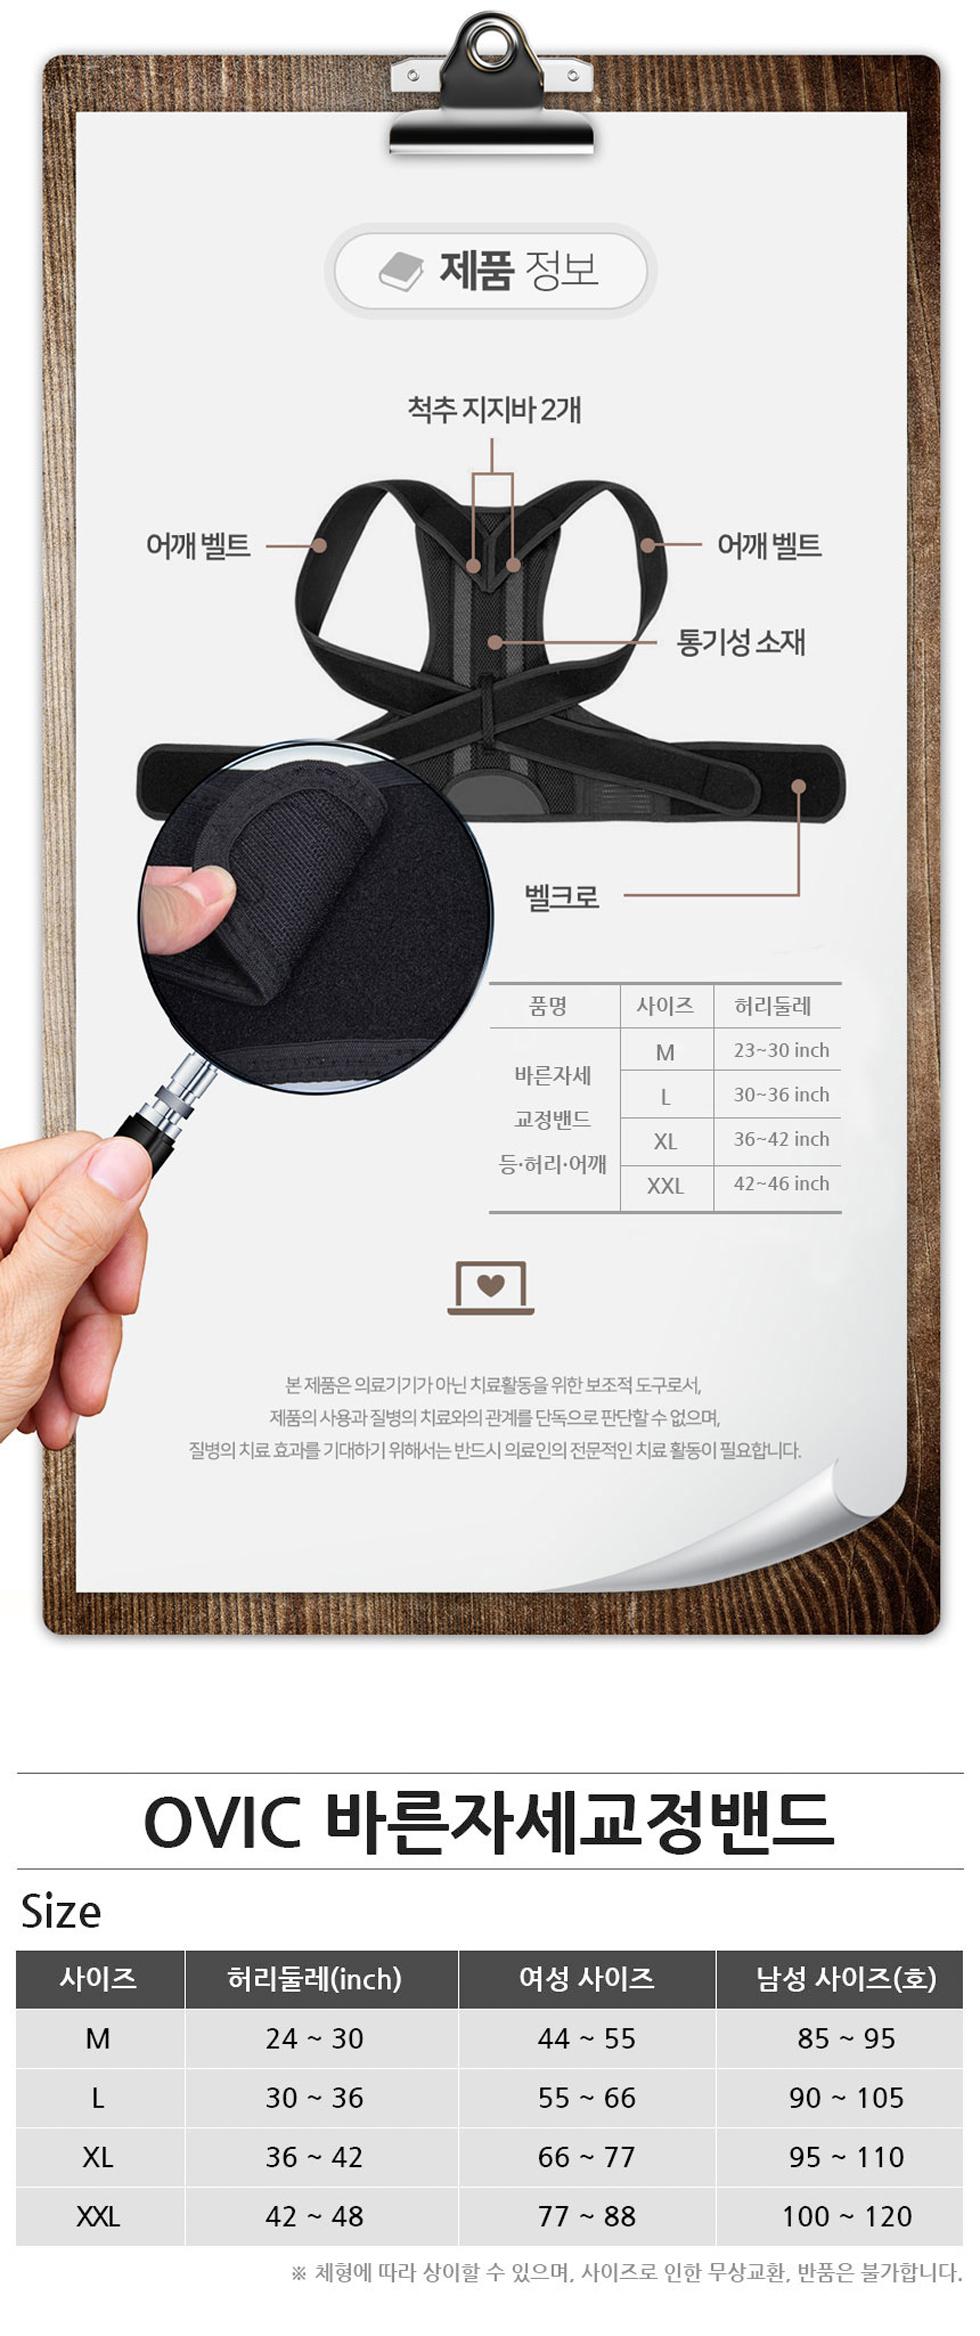 OVIC 자세교정밴드 (척추 허리 어깨 굽은등 교정) - 오빅, 29,900원, 안마/교정, 교정기구